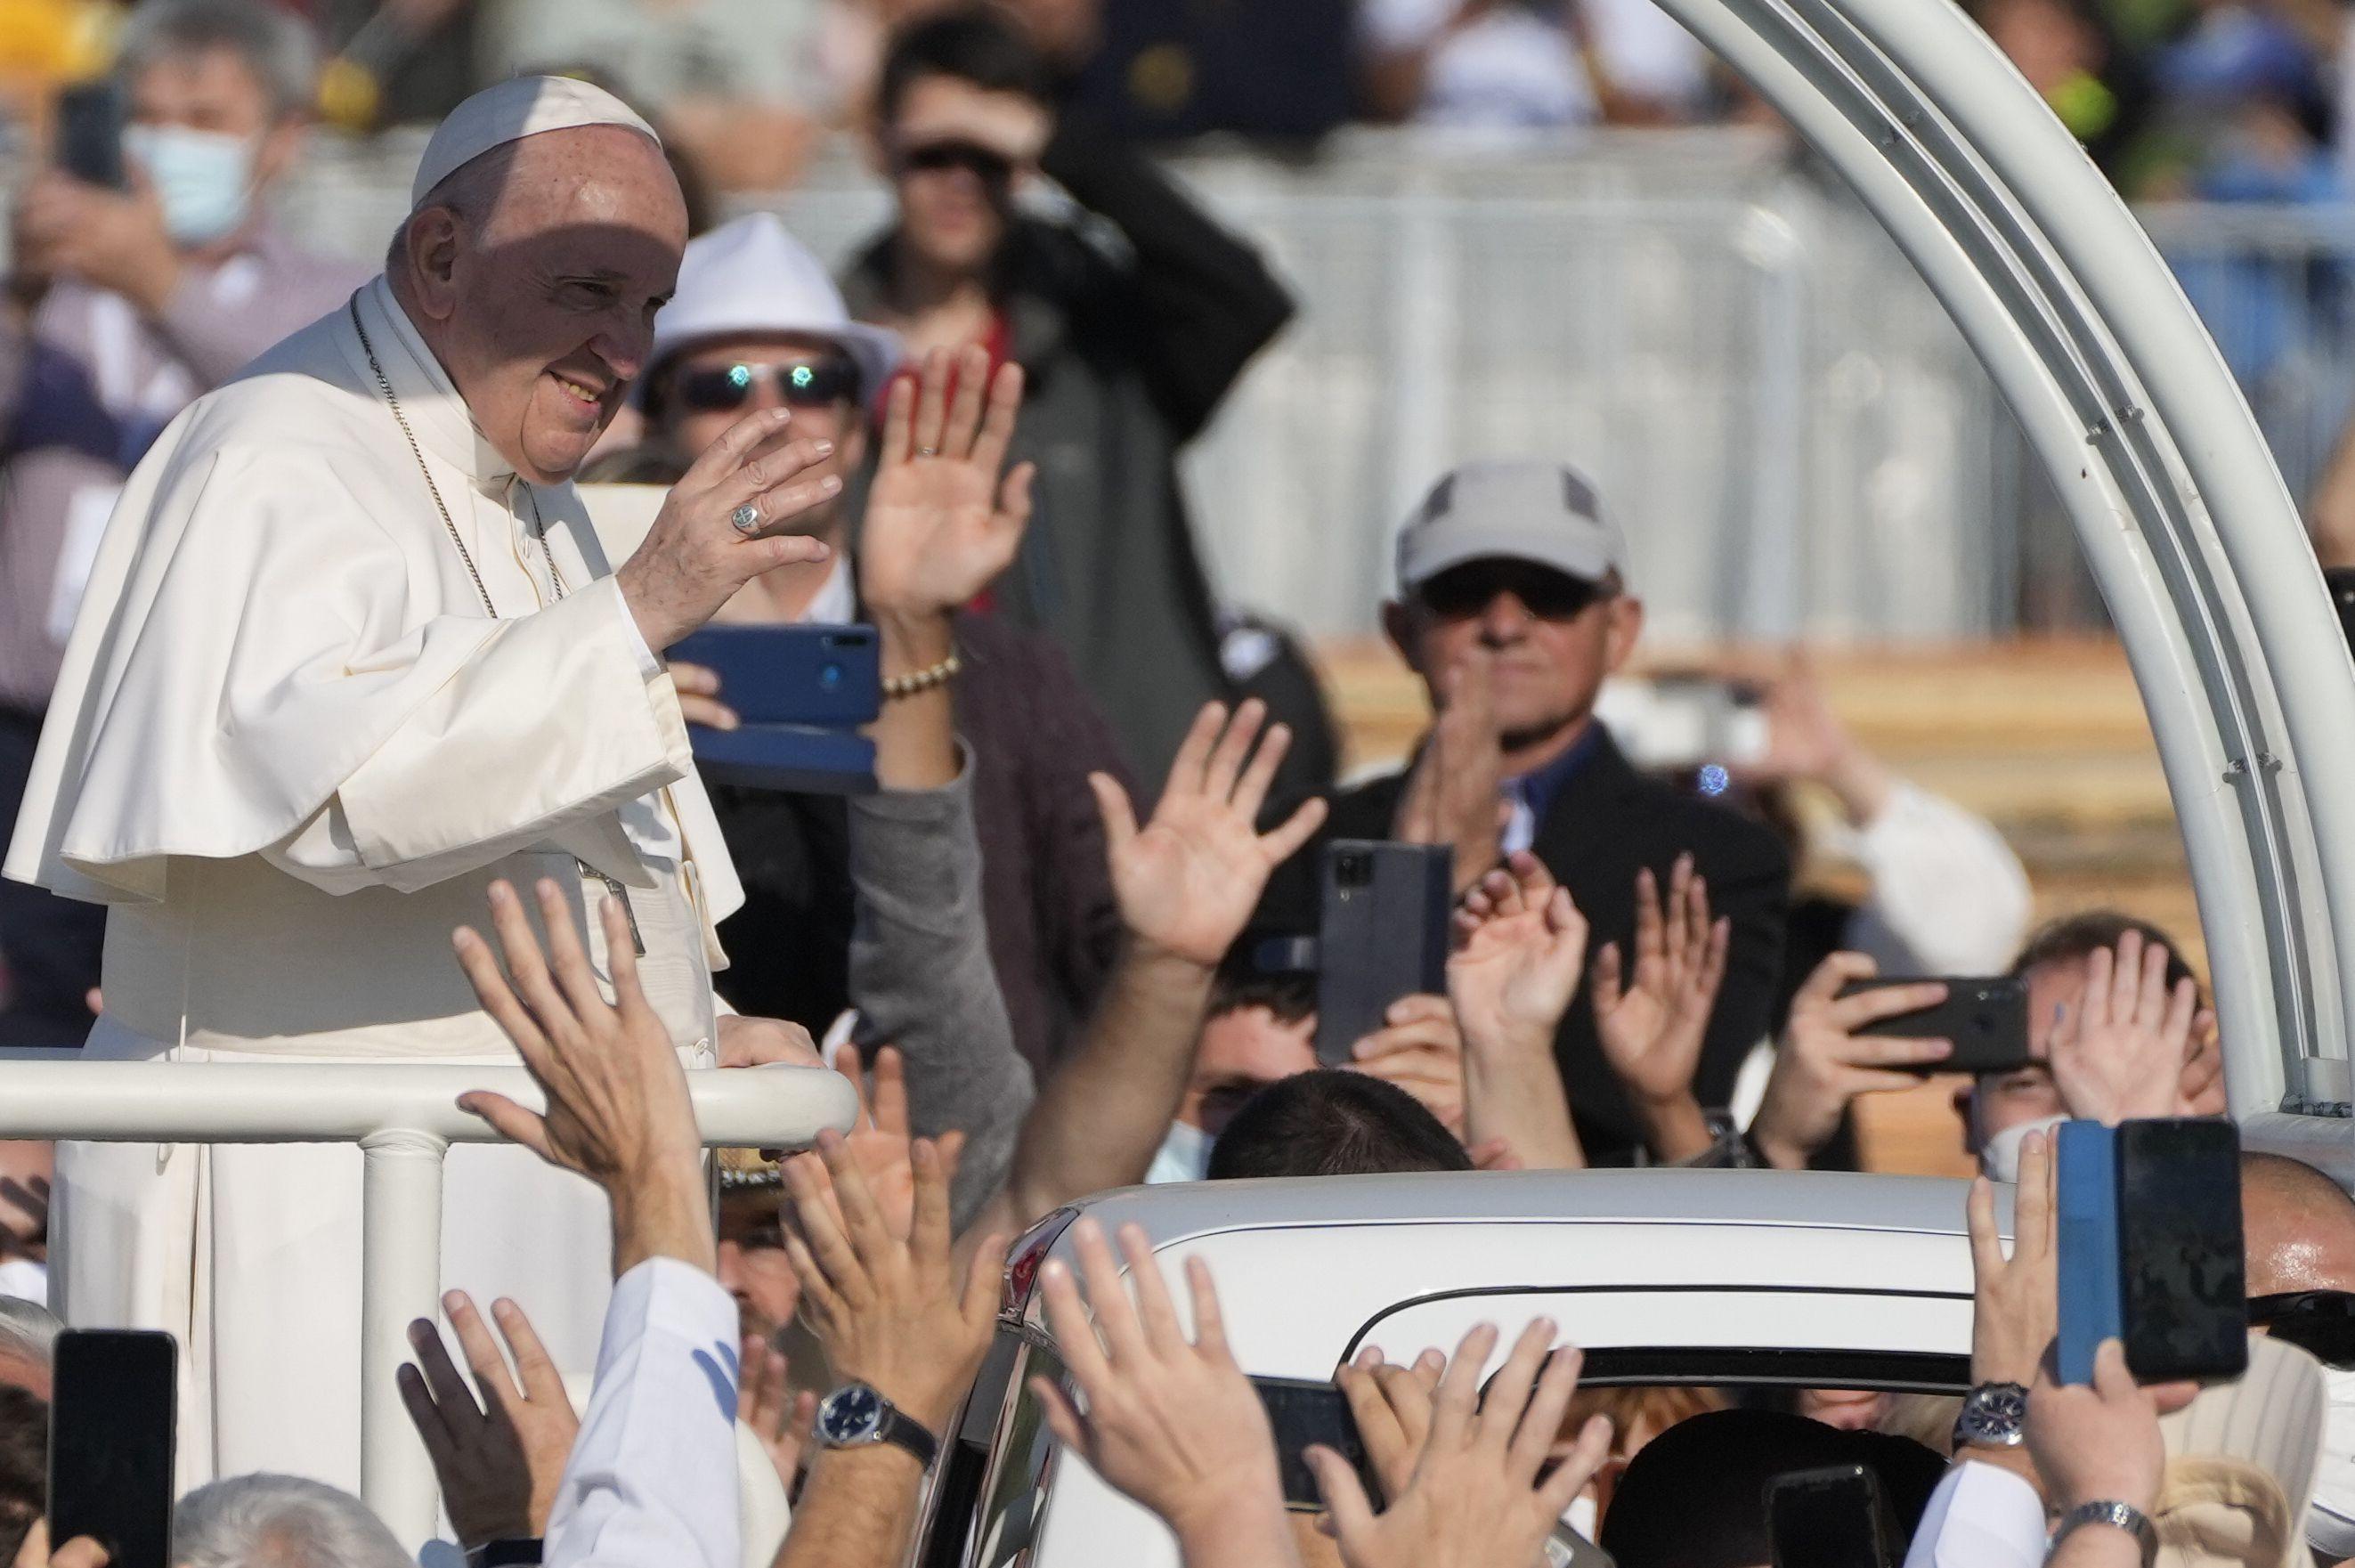 el papa pide compasion en el final de su viaje a eslovaquia